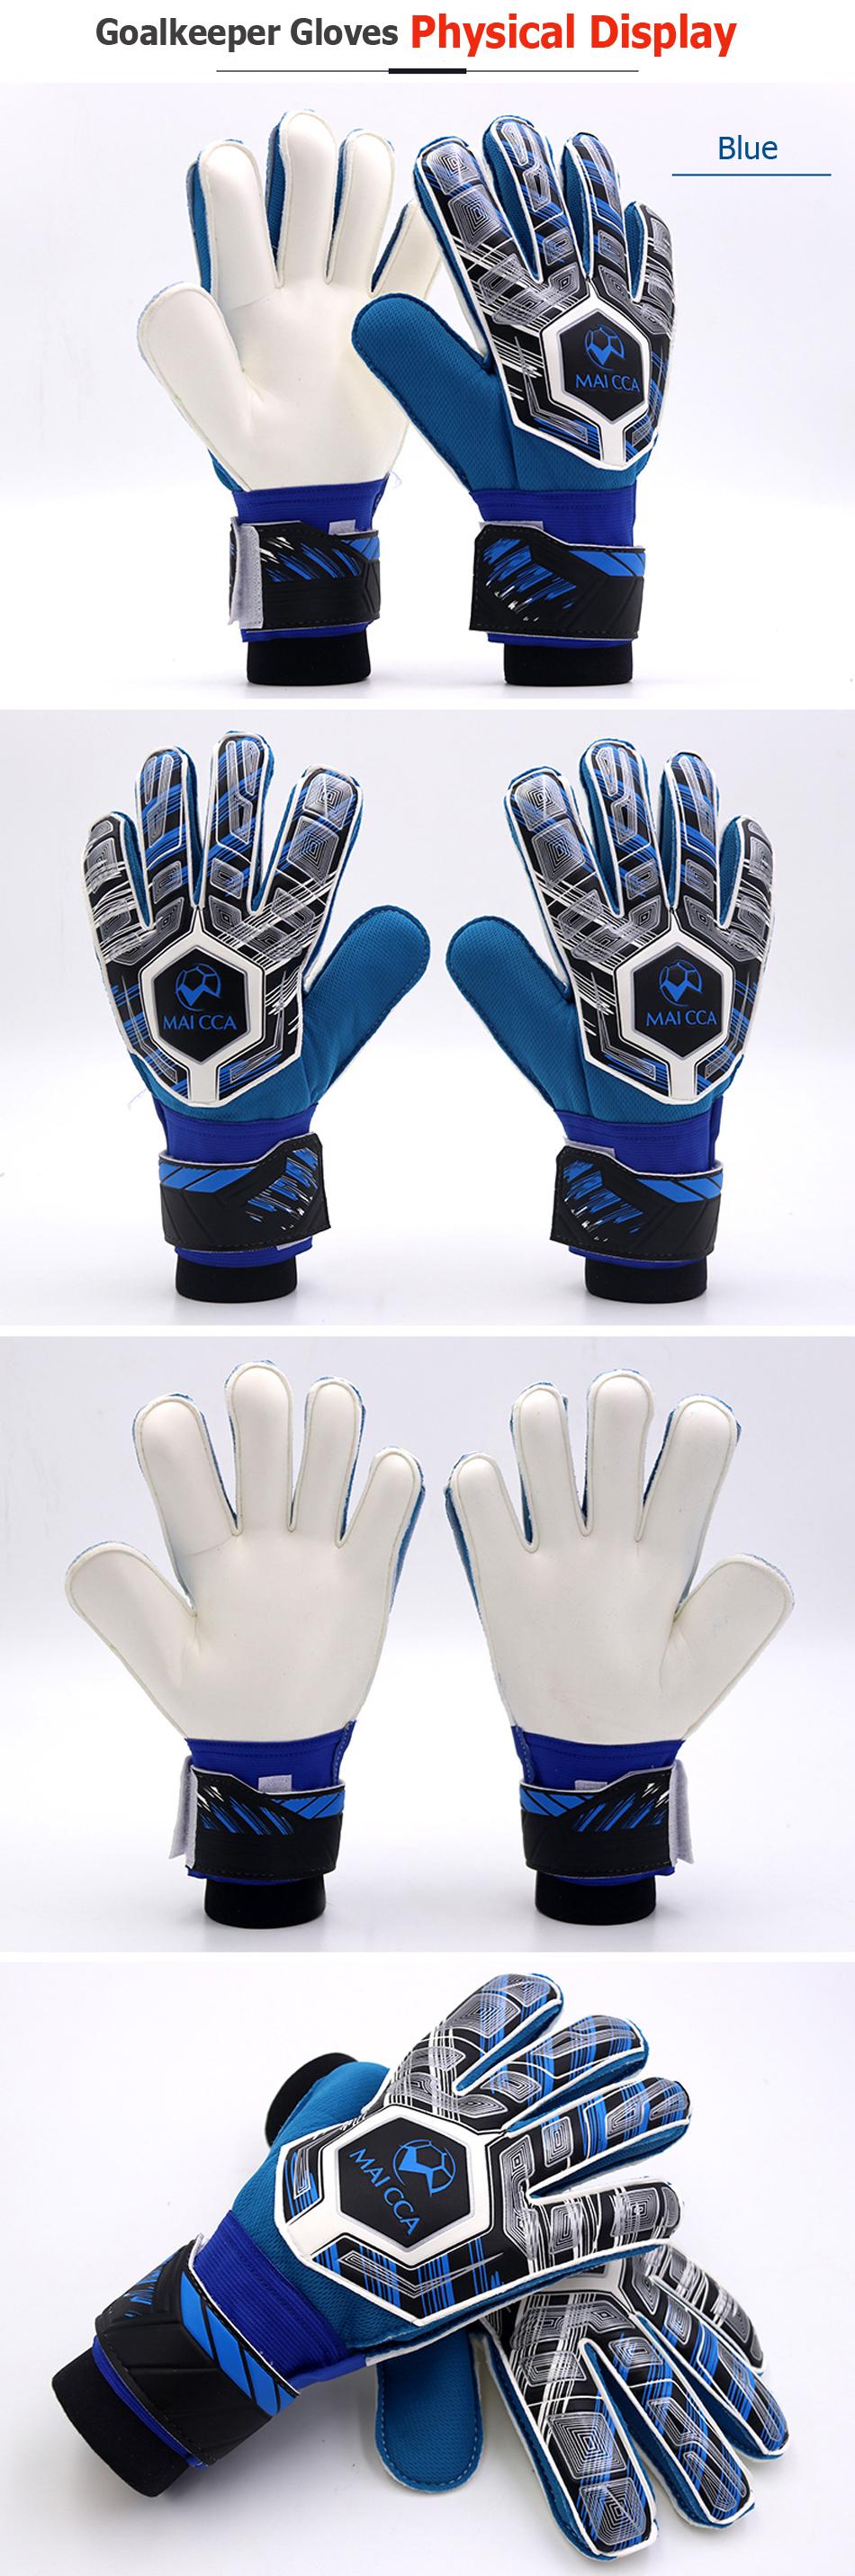 23_Goalkeeper_Gloves